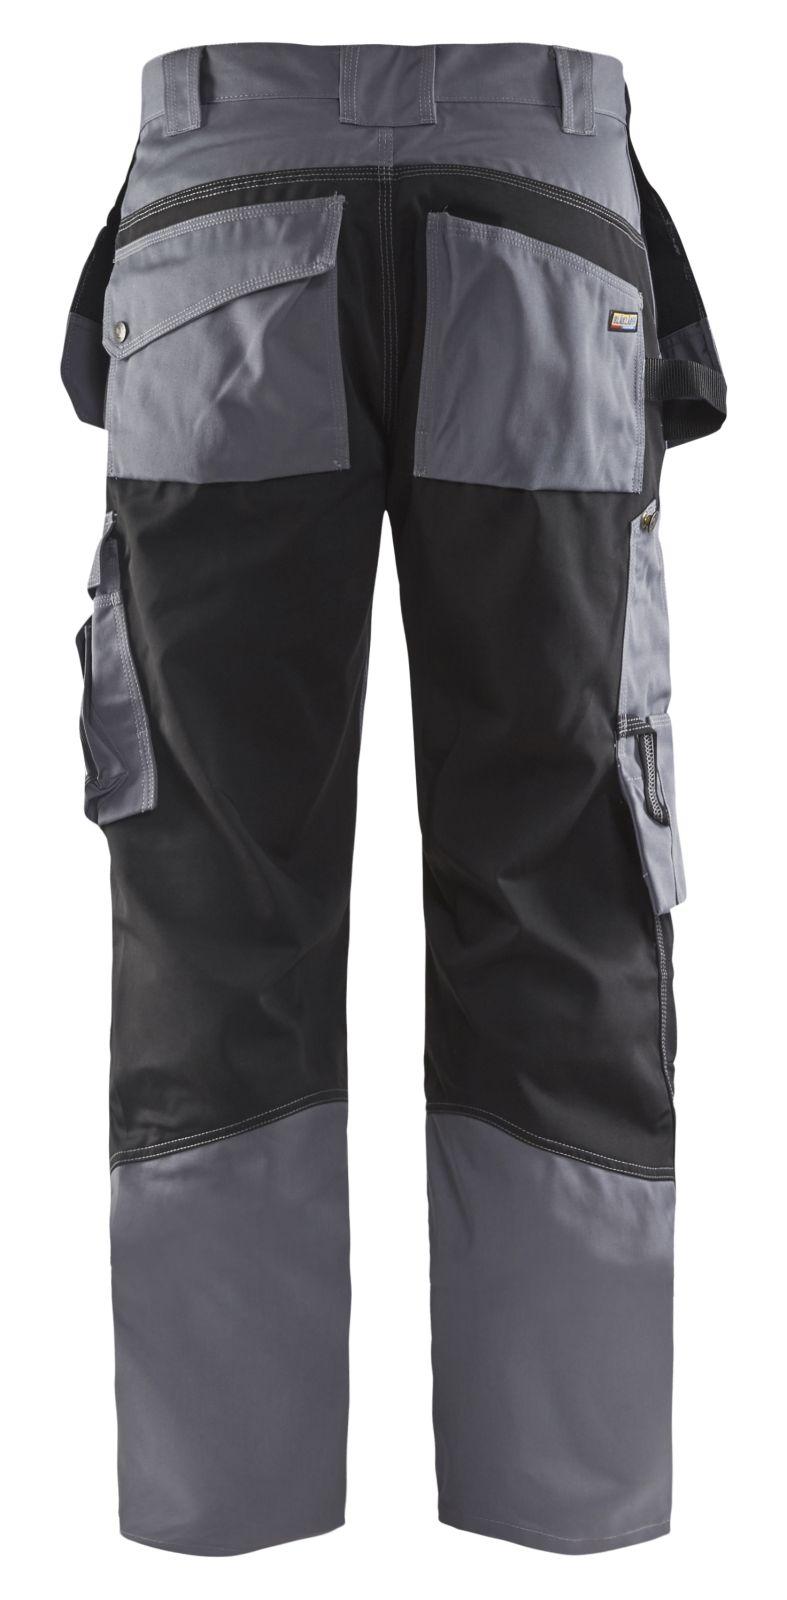 Blaklader Werkbroeken 15051860 grijs-zwart(9499)